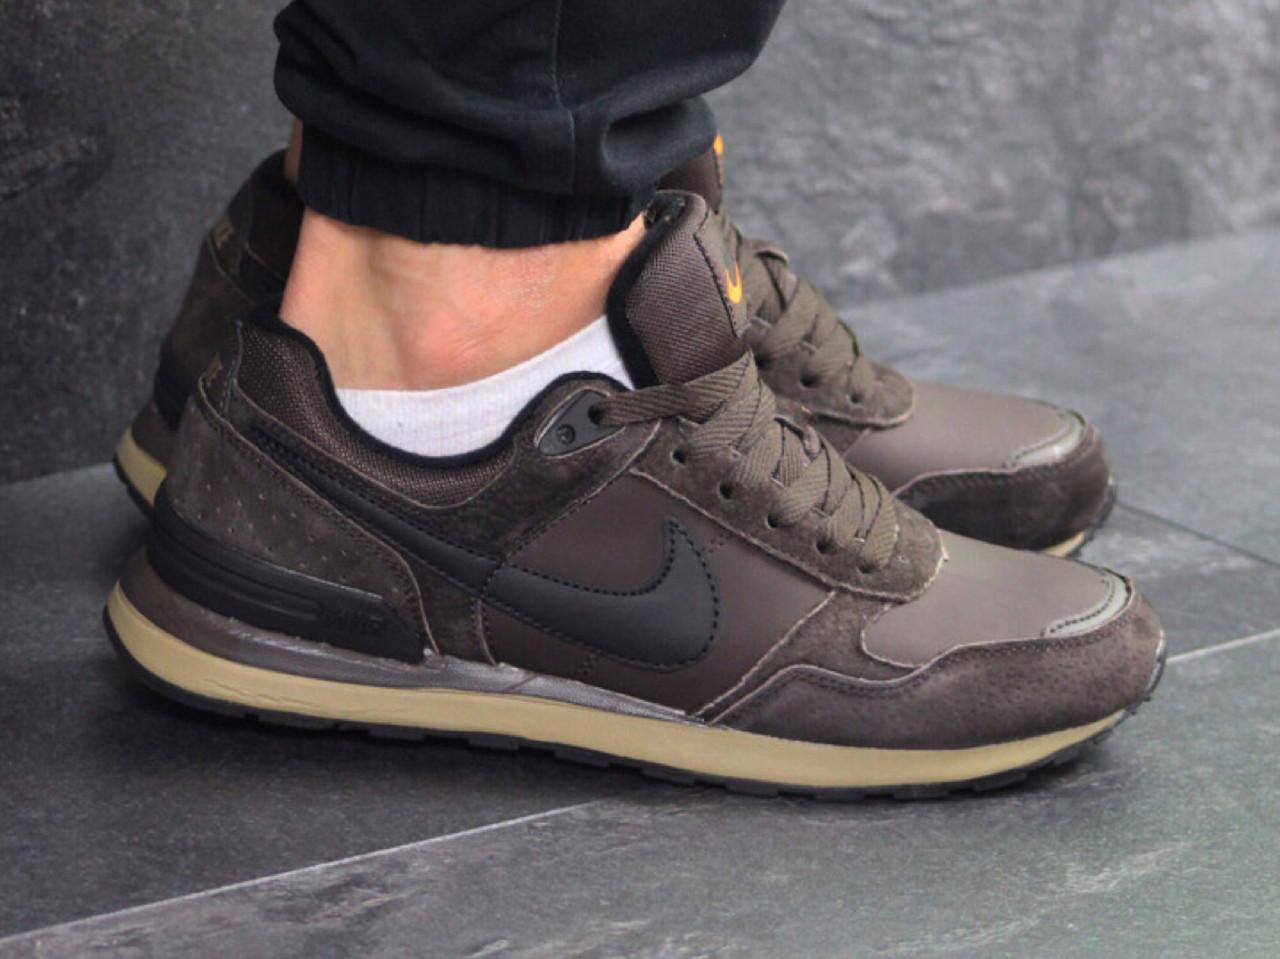 12918c35 Беговые кроссовки 7440 Nike для мужчин коричневый цвет купить -  Интернет-магазин